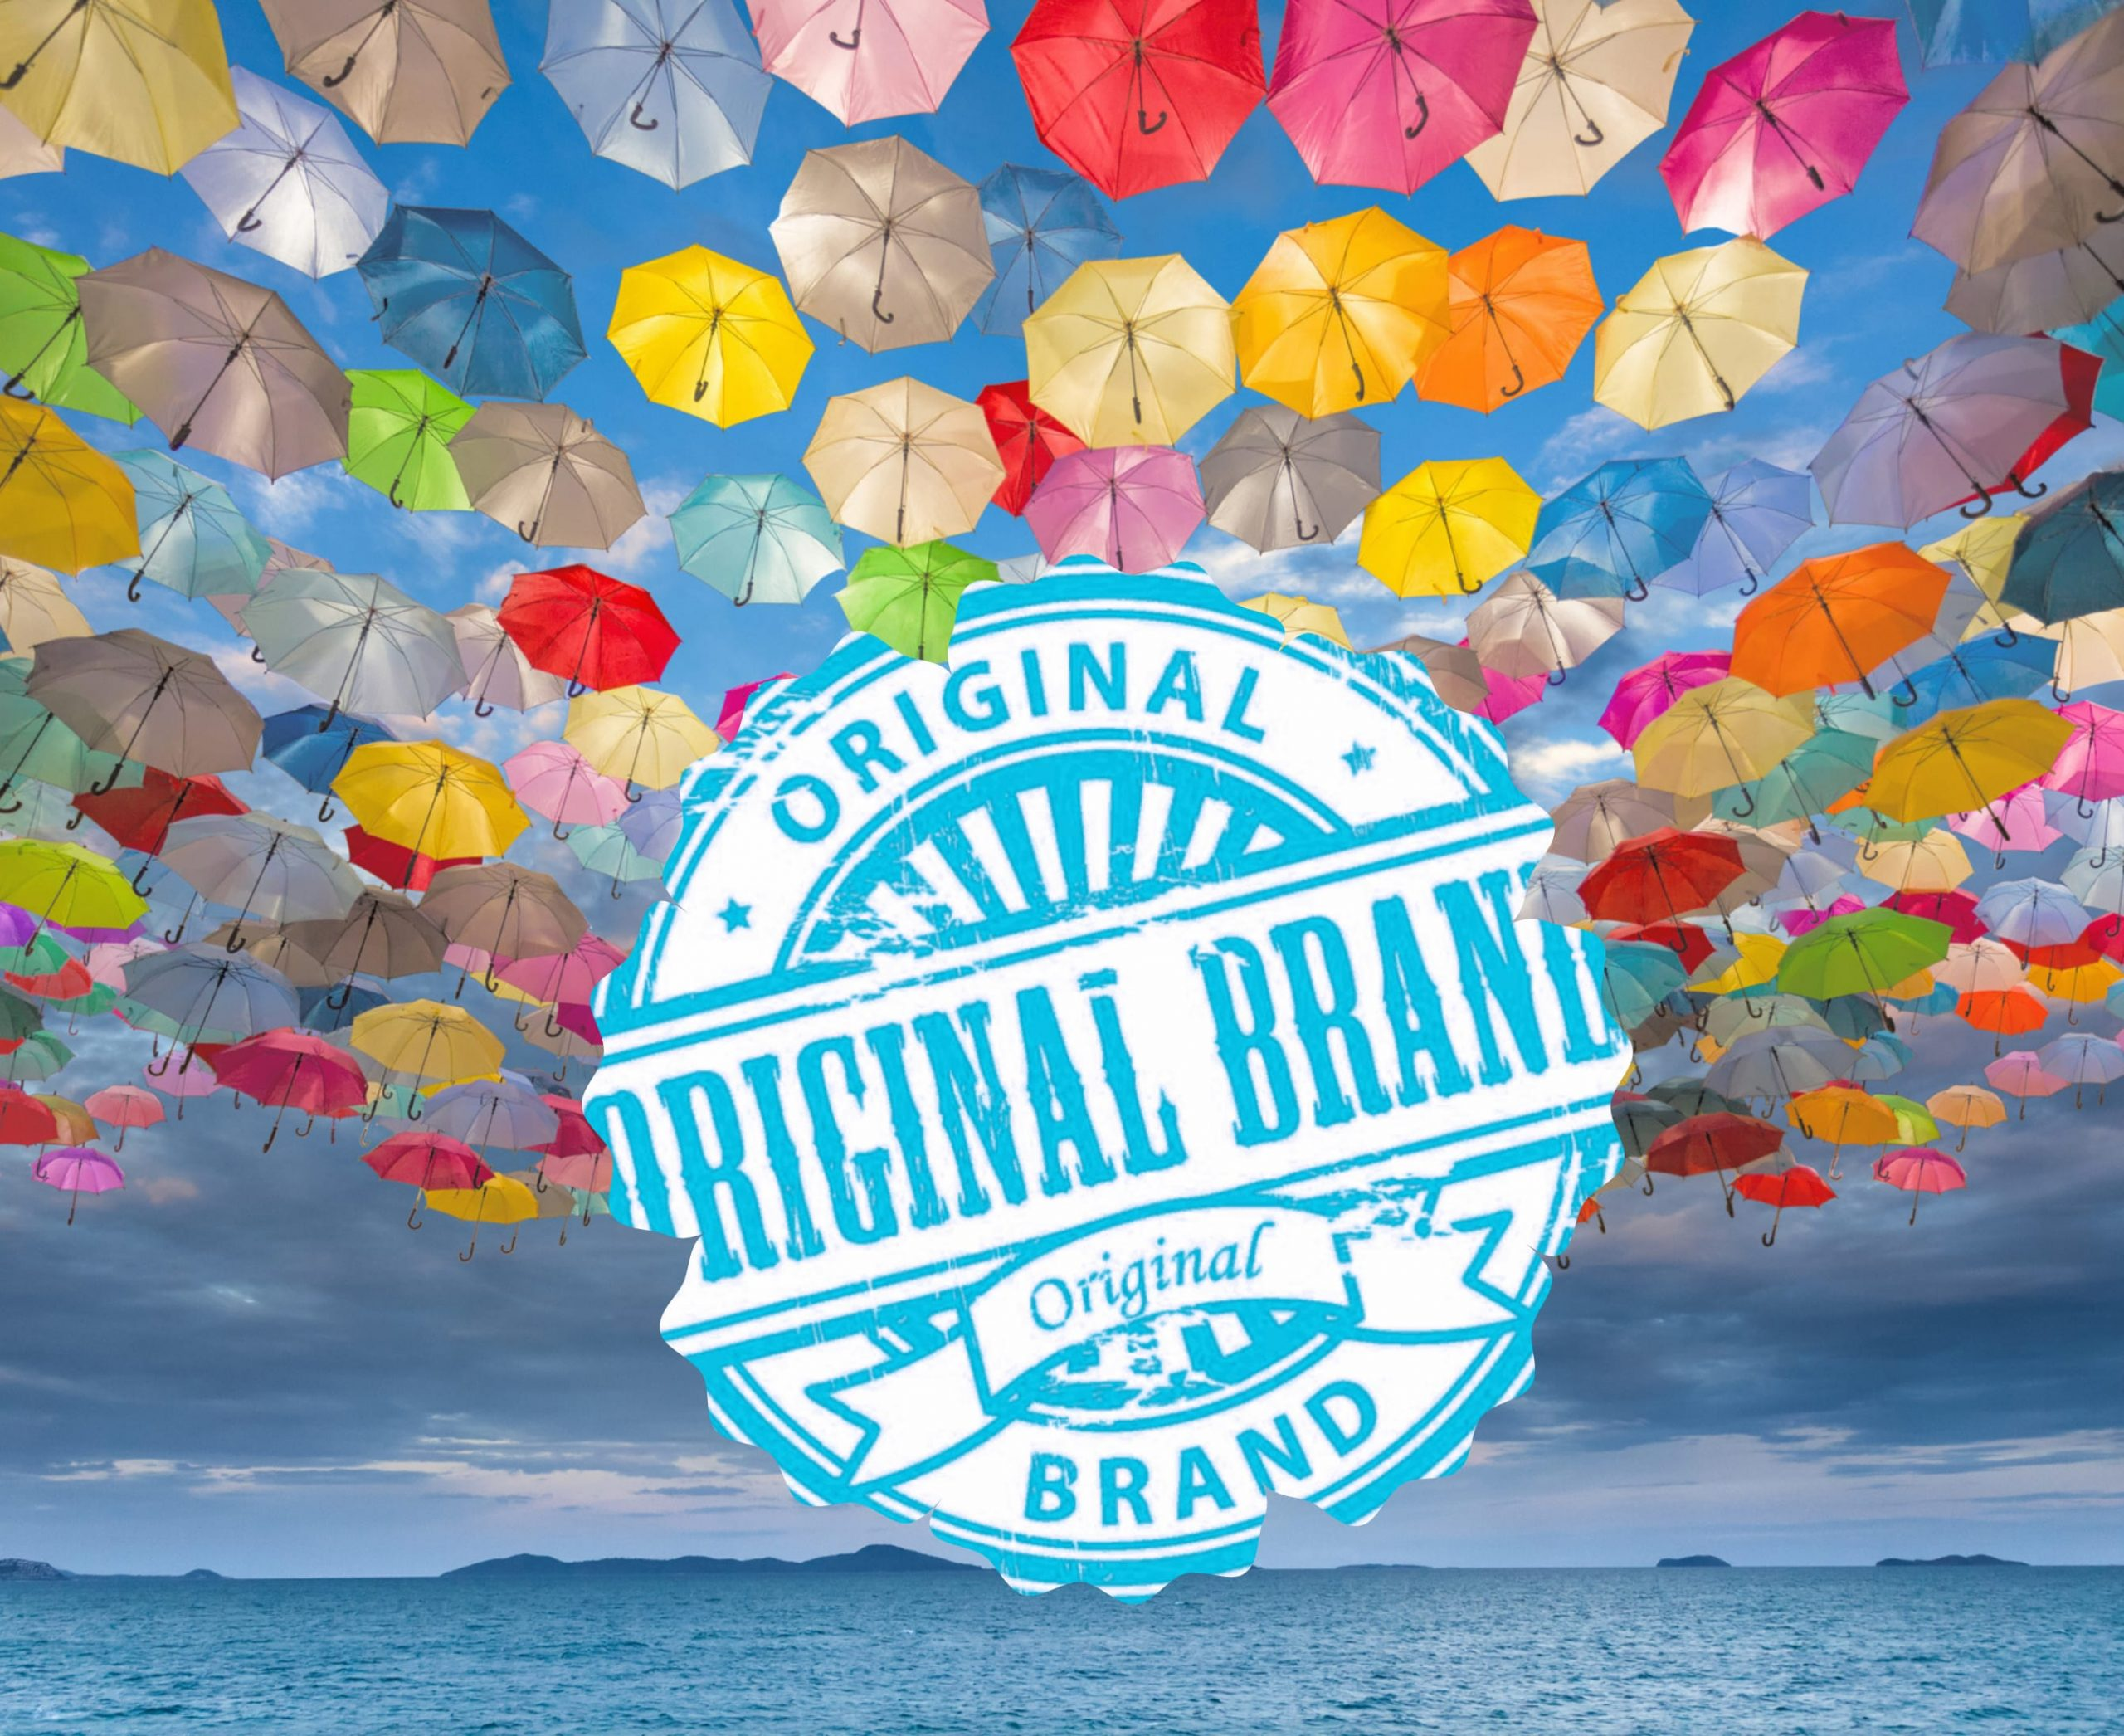 Original Brand icon in a sky of colored umbrellas representing the uniqueness of brands.